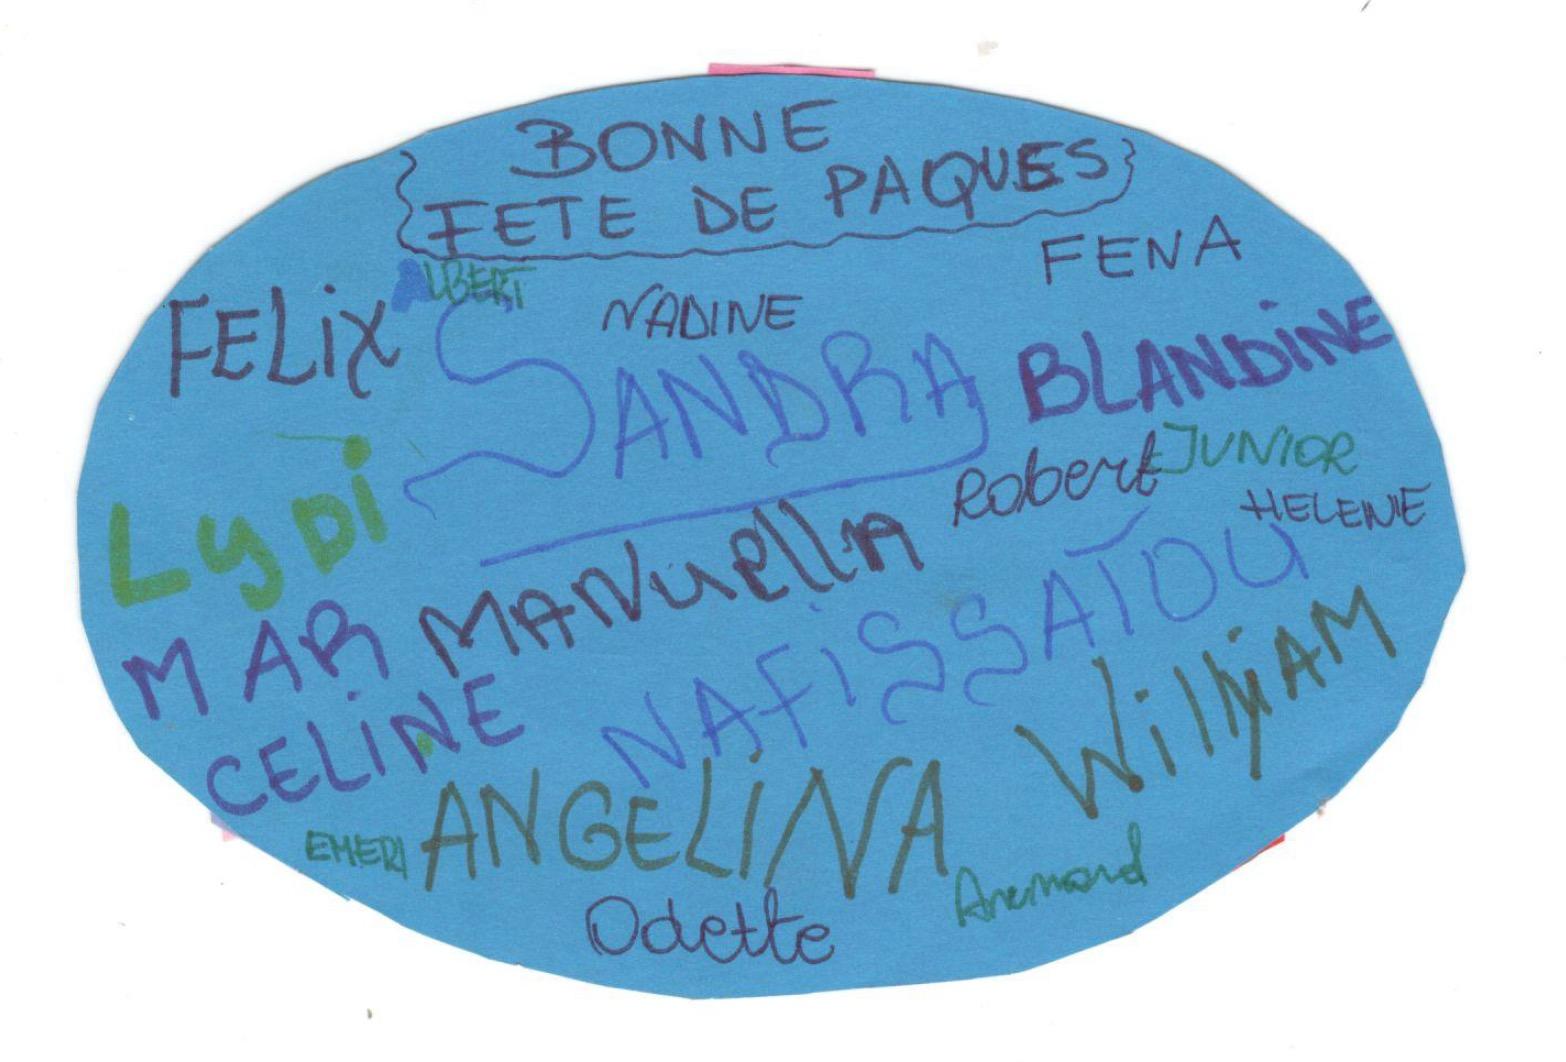 Życzenia Wielkanocne od Podopiecznych z Kamerunu